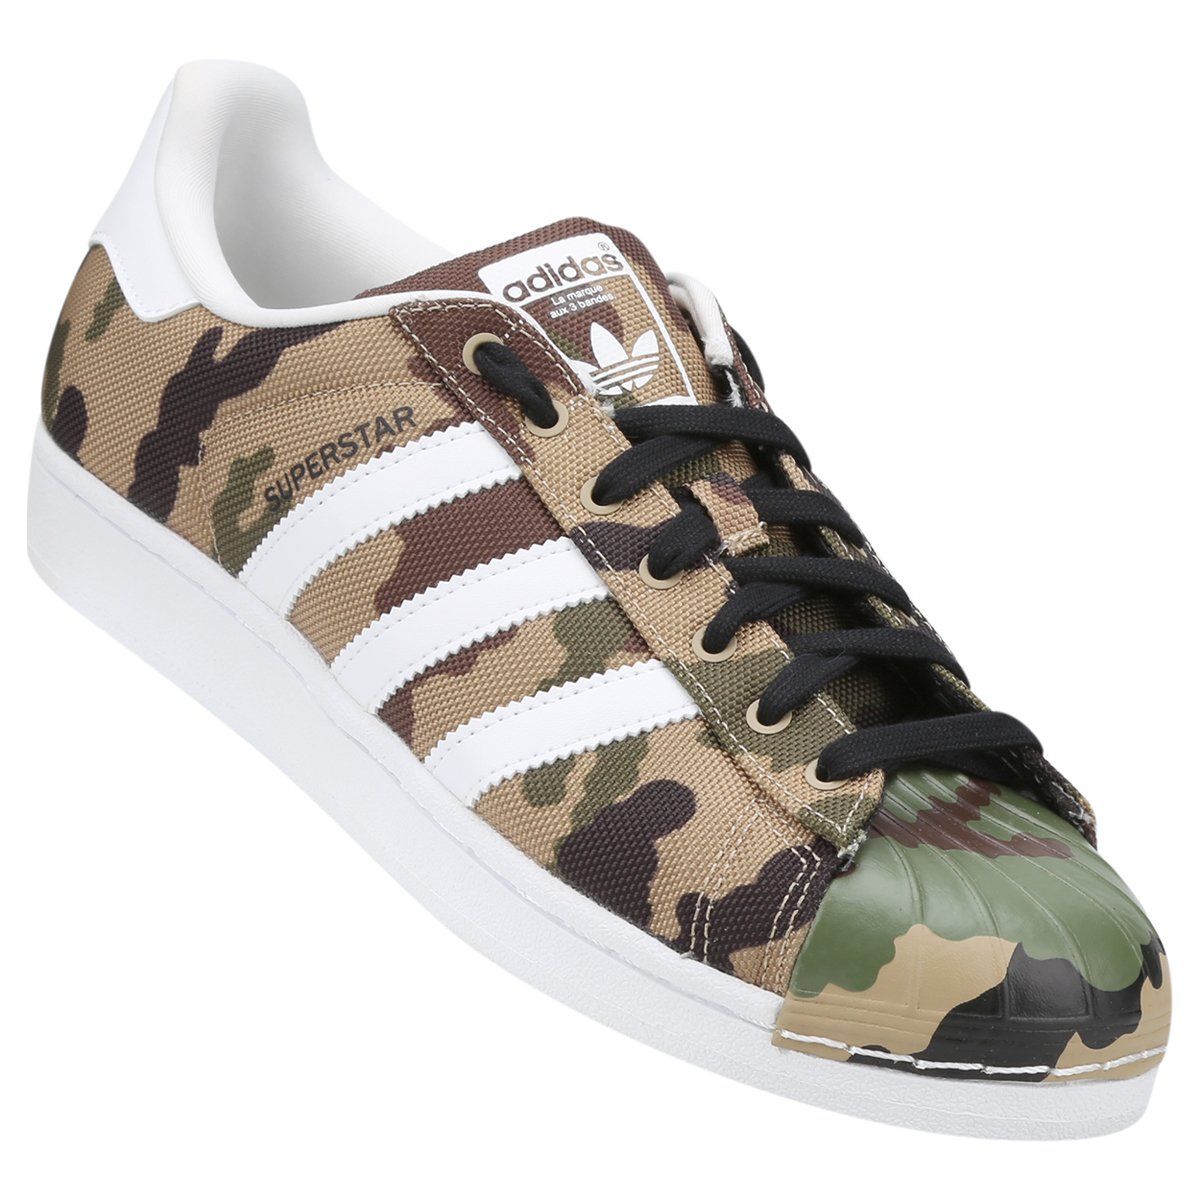 Tênis Adidas Superstar Toe Pack - Compre Agora  10e56cd93dda5